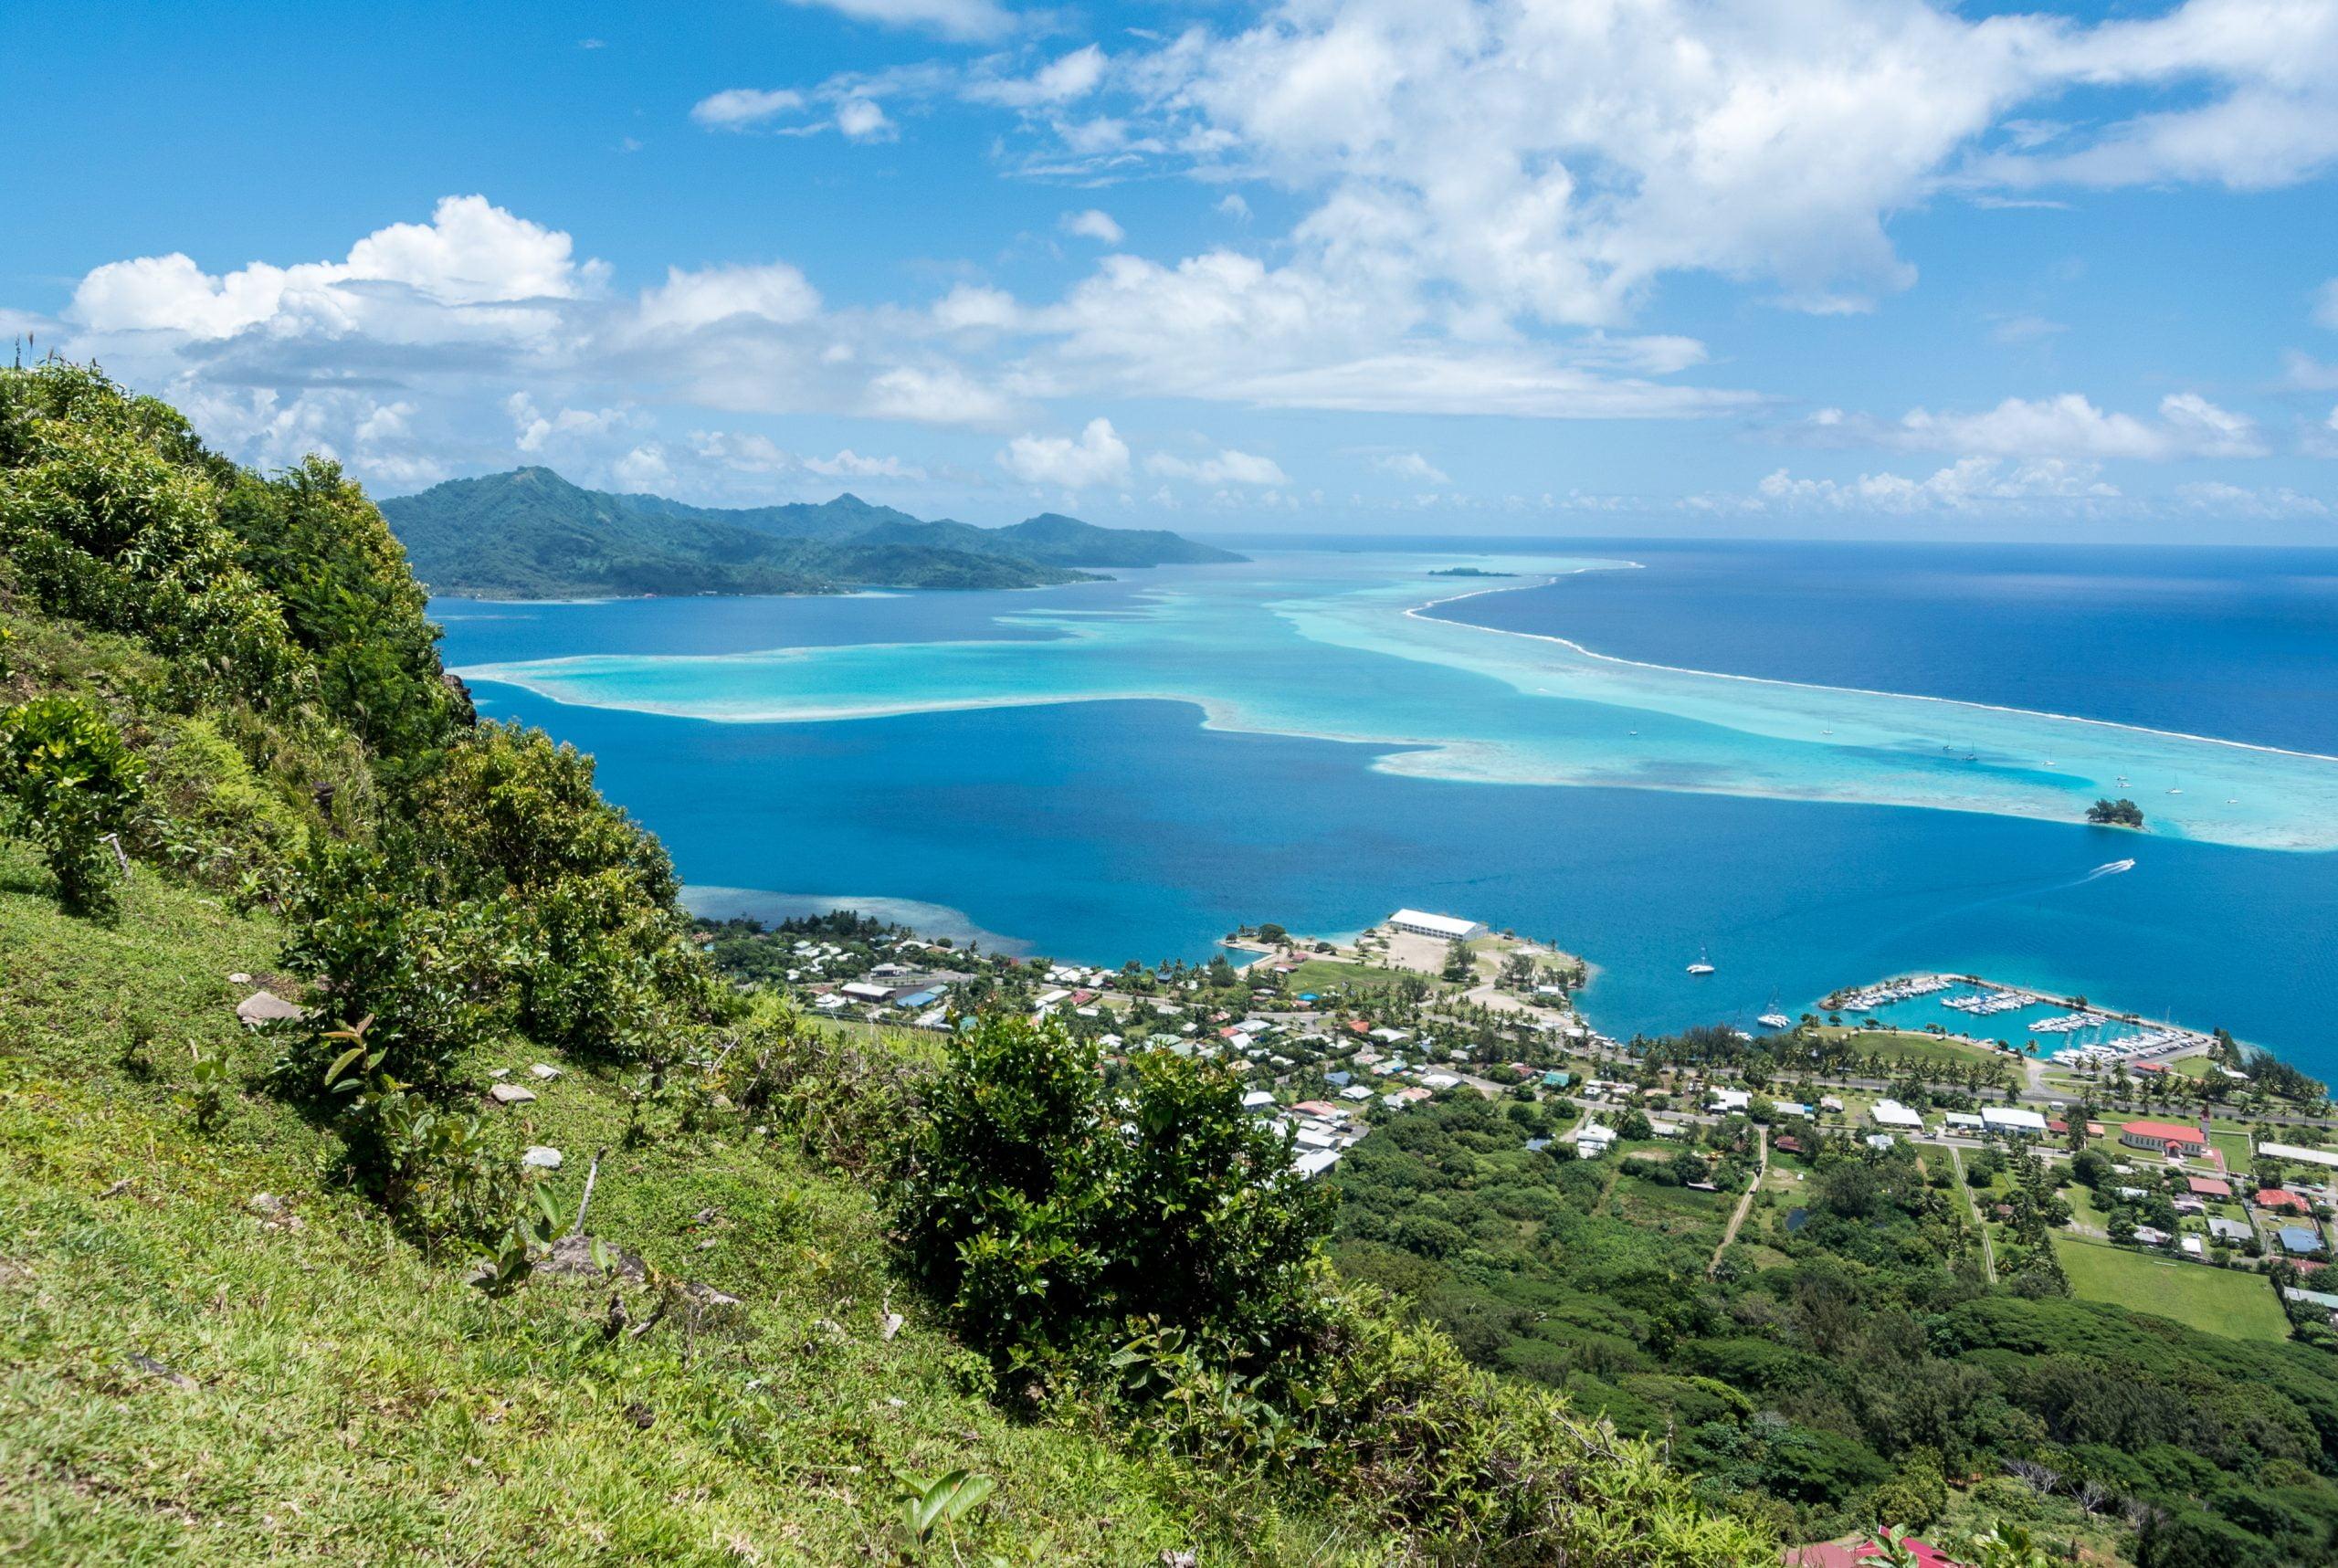 Taha'a et Raiatea en Polynésie française - Les plus beaux paysages et parcs naturels d'Océanie